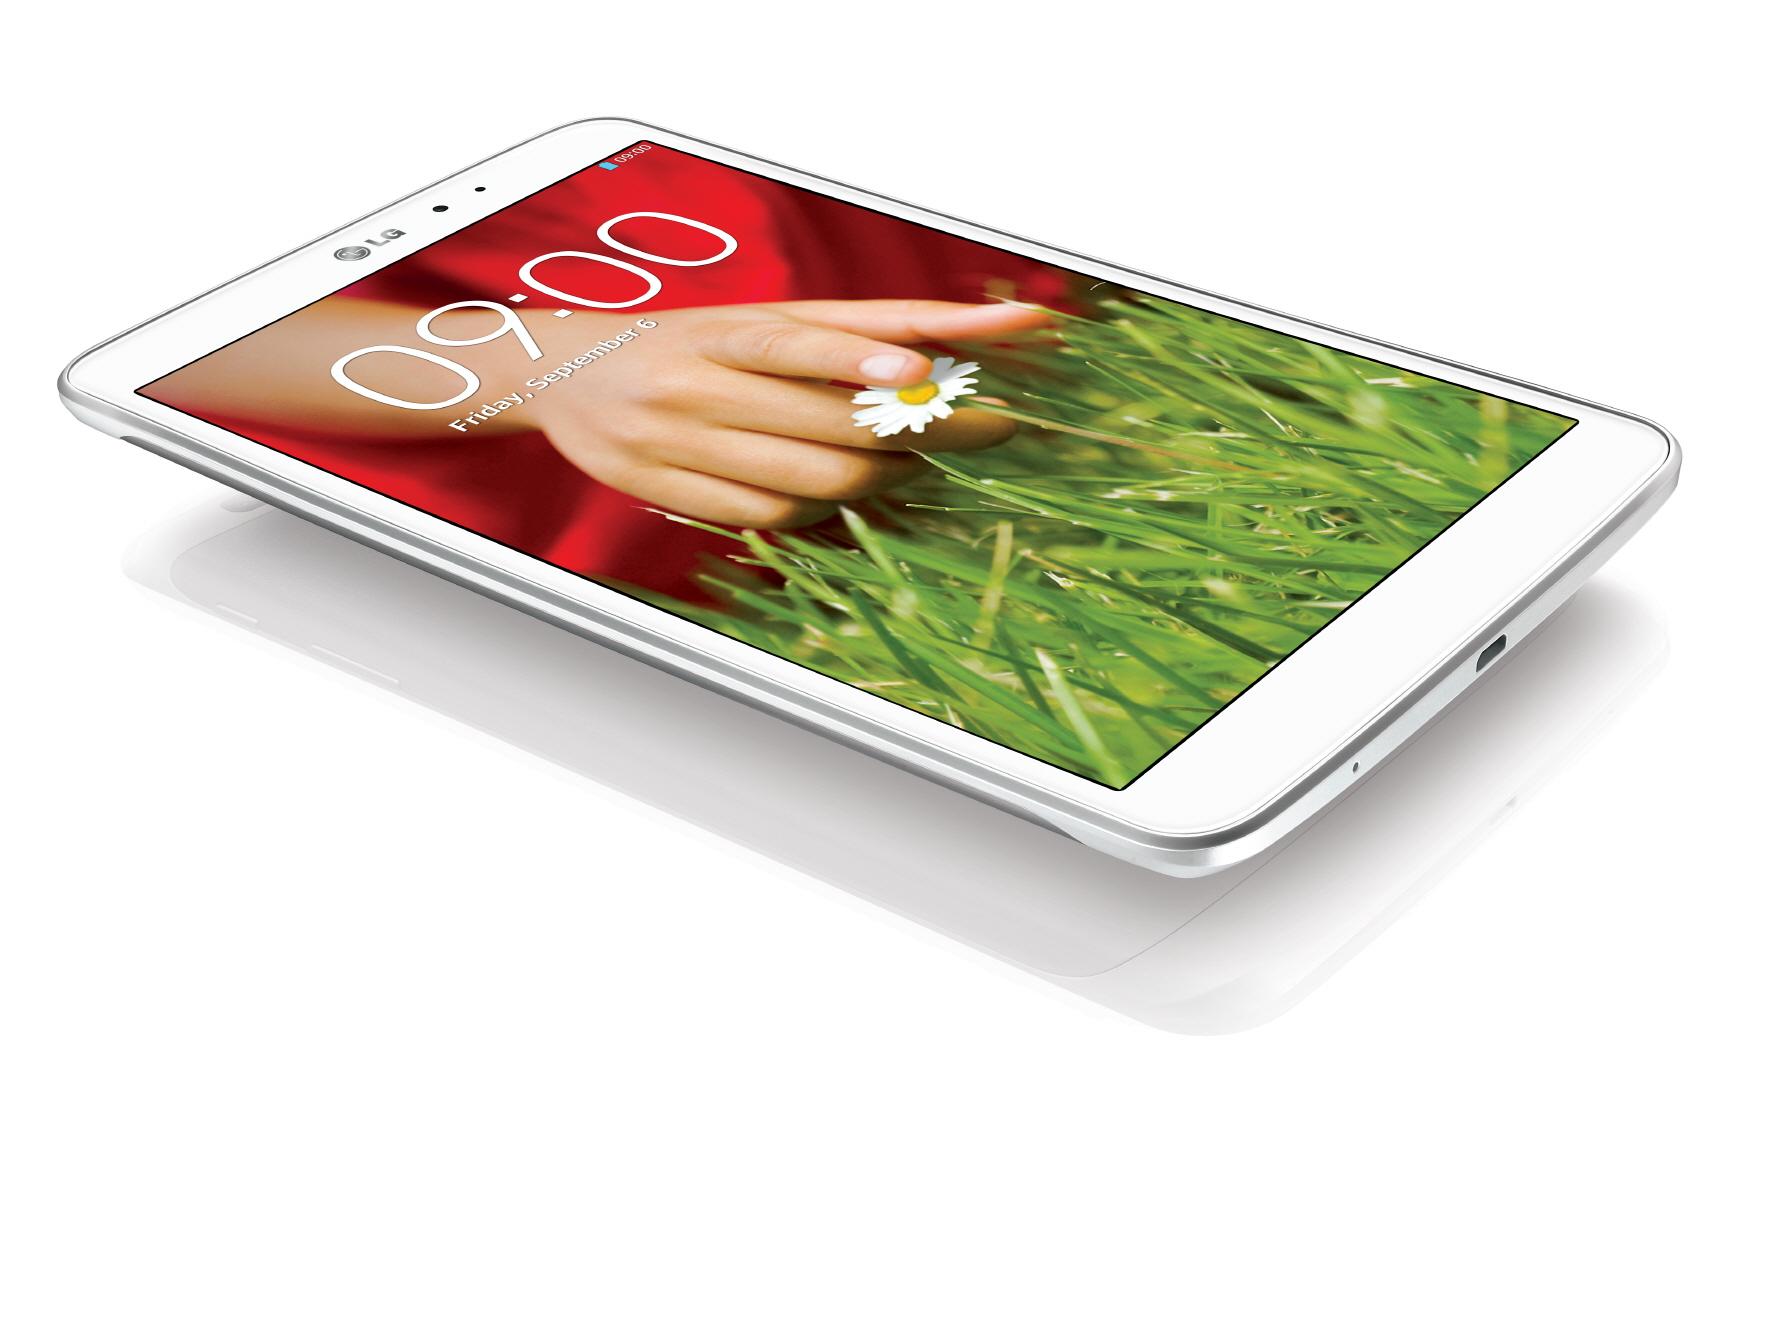 LG G Pad 8.3 ufficialmente presentato da LG il nuovo tablet